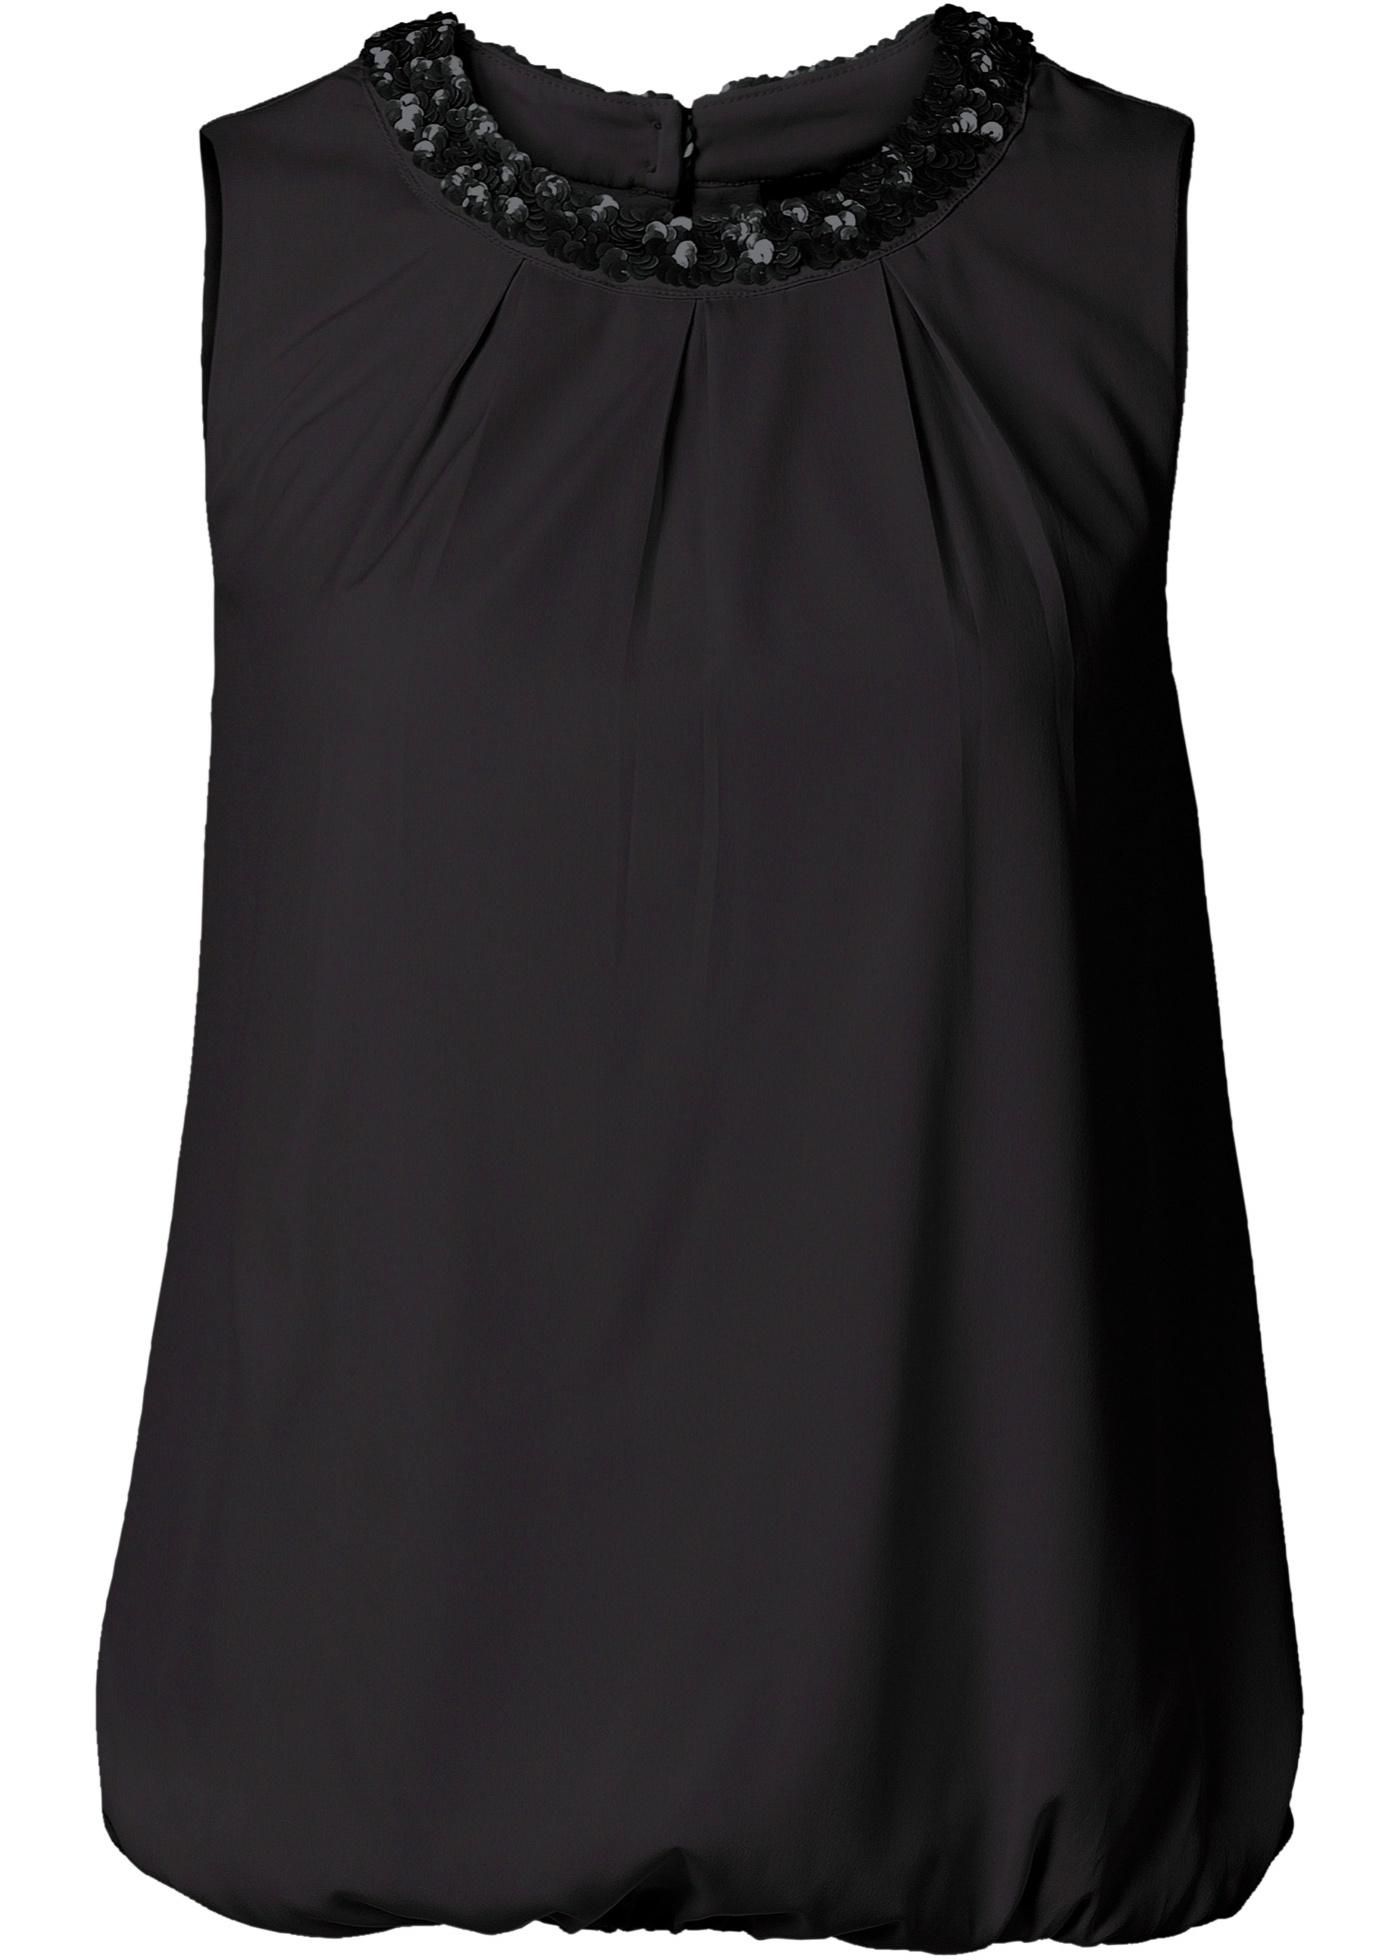 Blusa com lantejoulas preta sem mangas com decote redondo